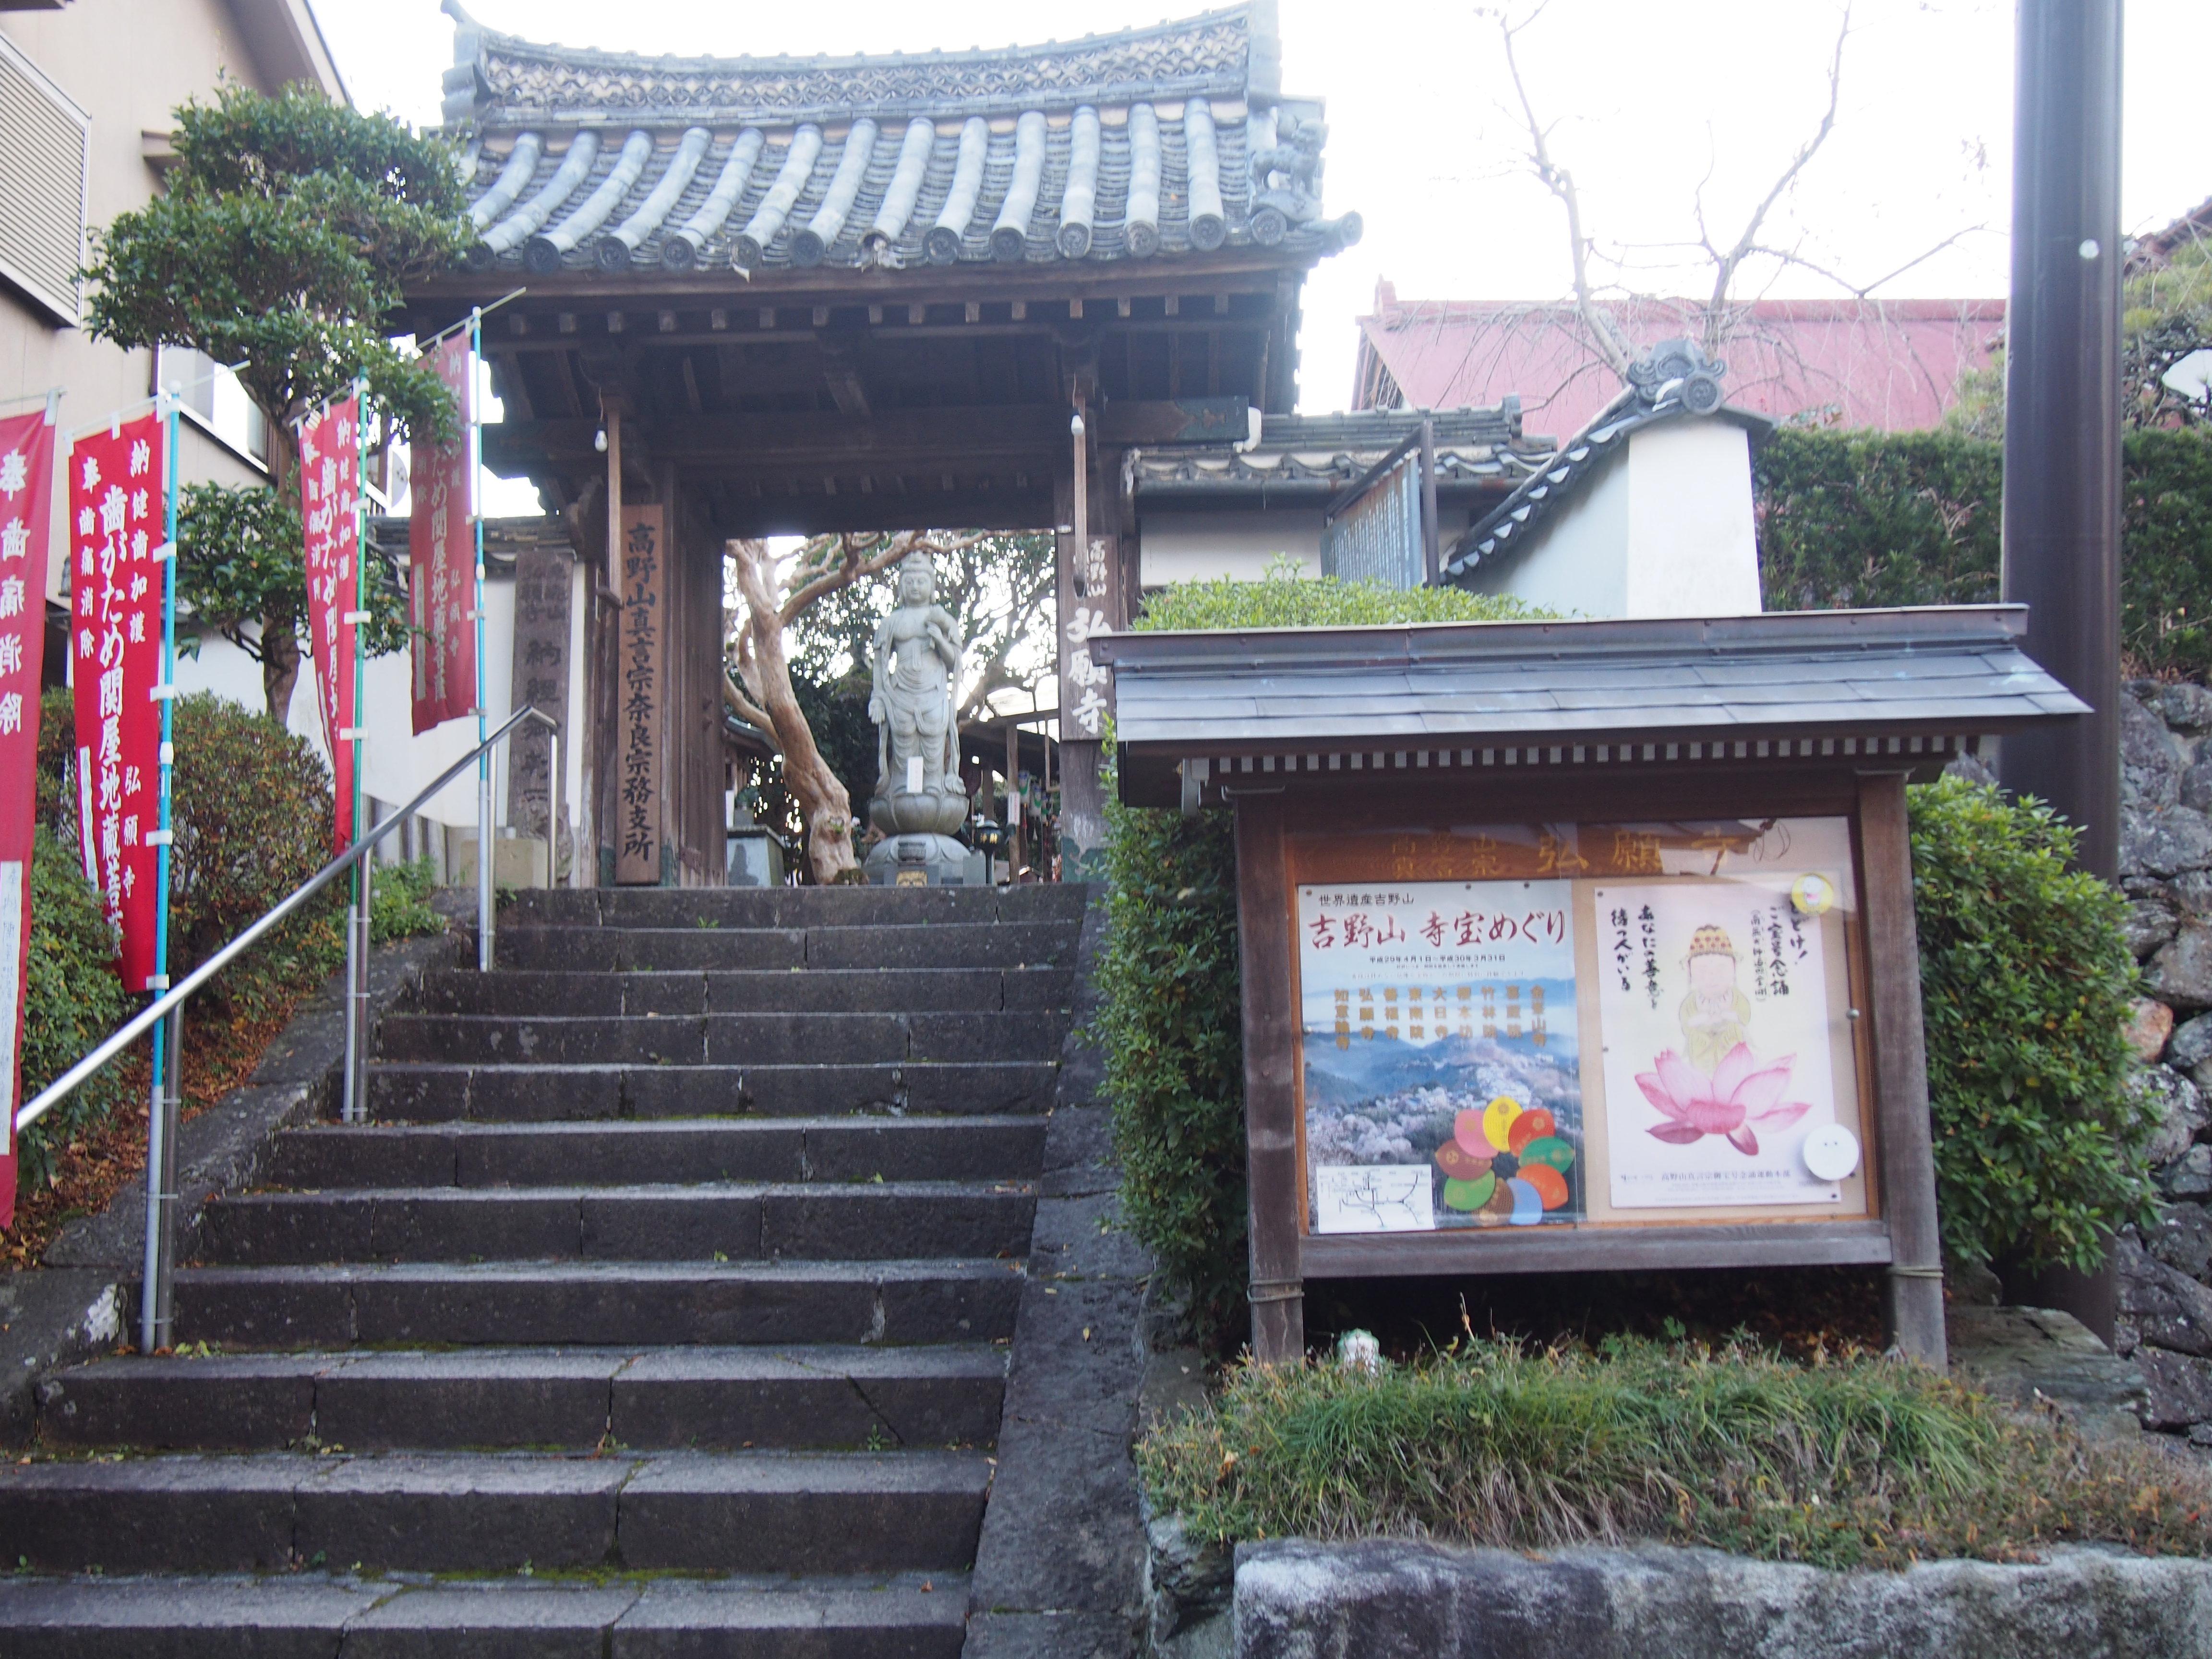 世界遺産 奈良・吉野山 お寺でトラ柄のご朱印帳をつくろう~吉野の弘願寺で手作り体験~